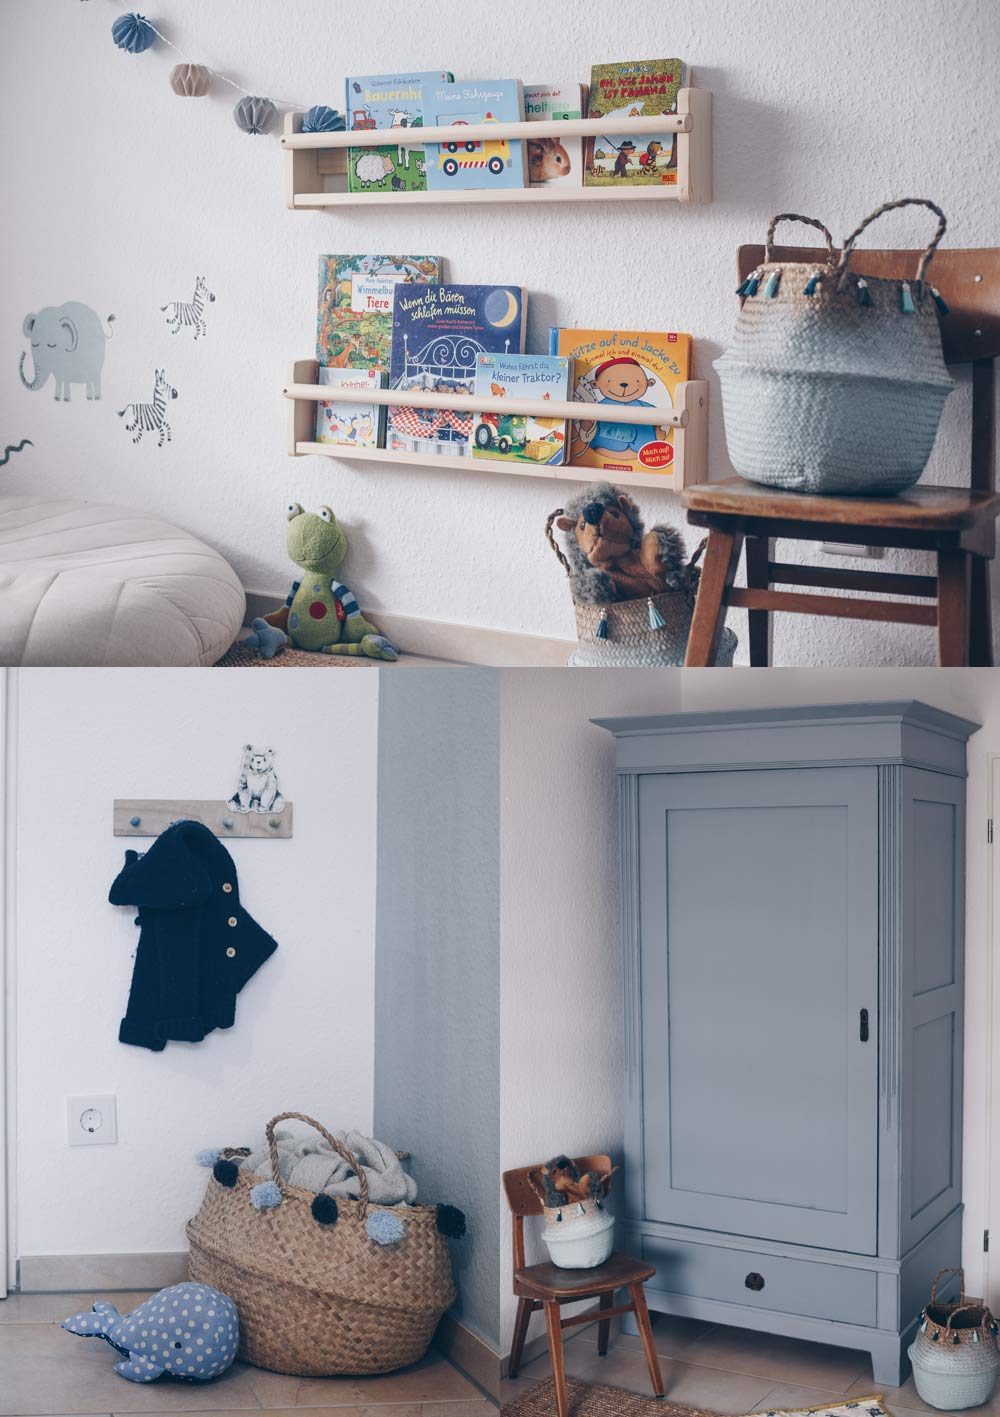 DIY Kinderzimmerschrank Upcycling und Sneak Peek ins Kinderzimmer - Schrank lackieren und eine Geschenkidee zur Geburt